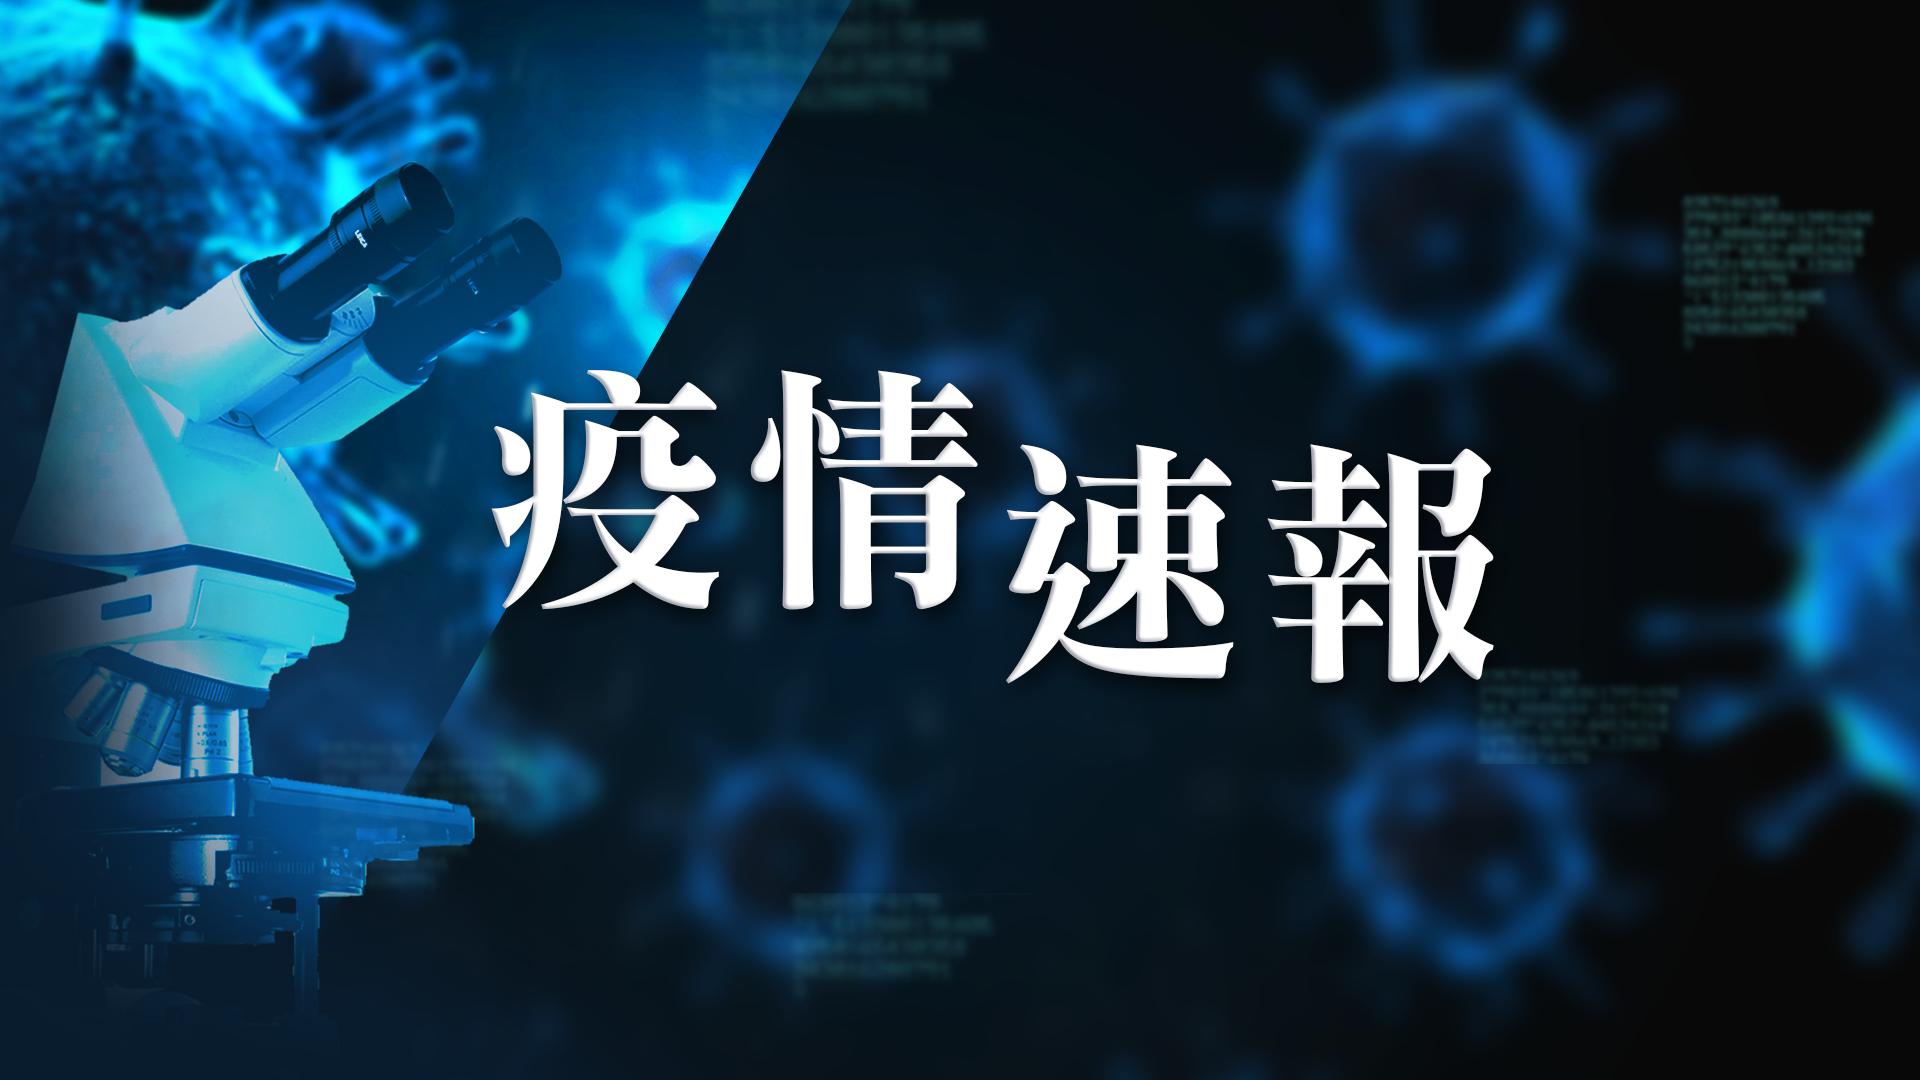 【9月23日疫情速報】(14:50)